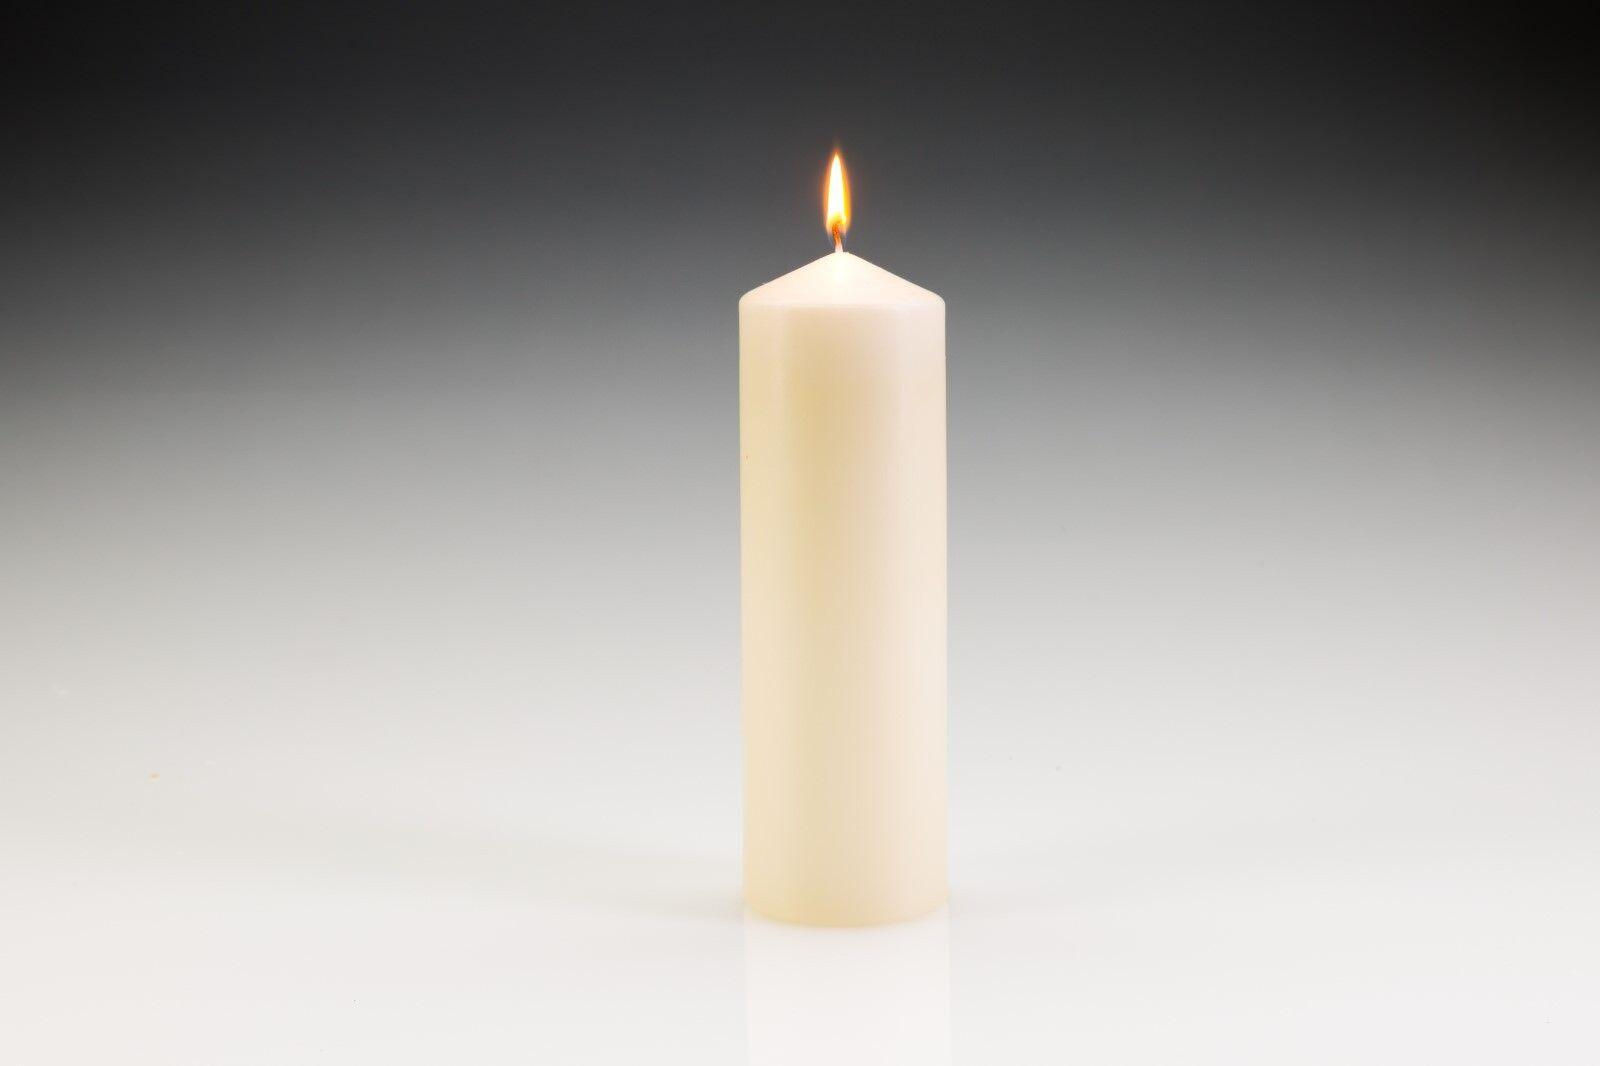 10 x Pillar Church Candles 220mm (H) x 70mm (D).